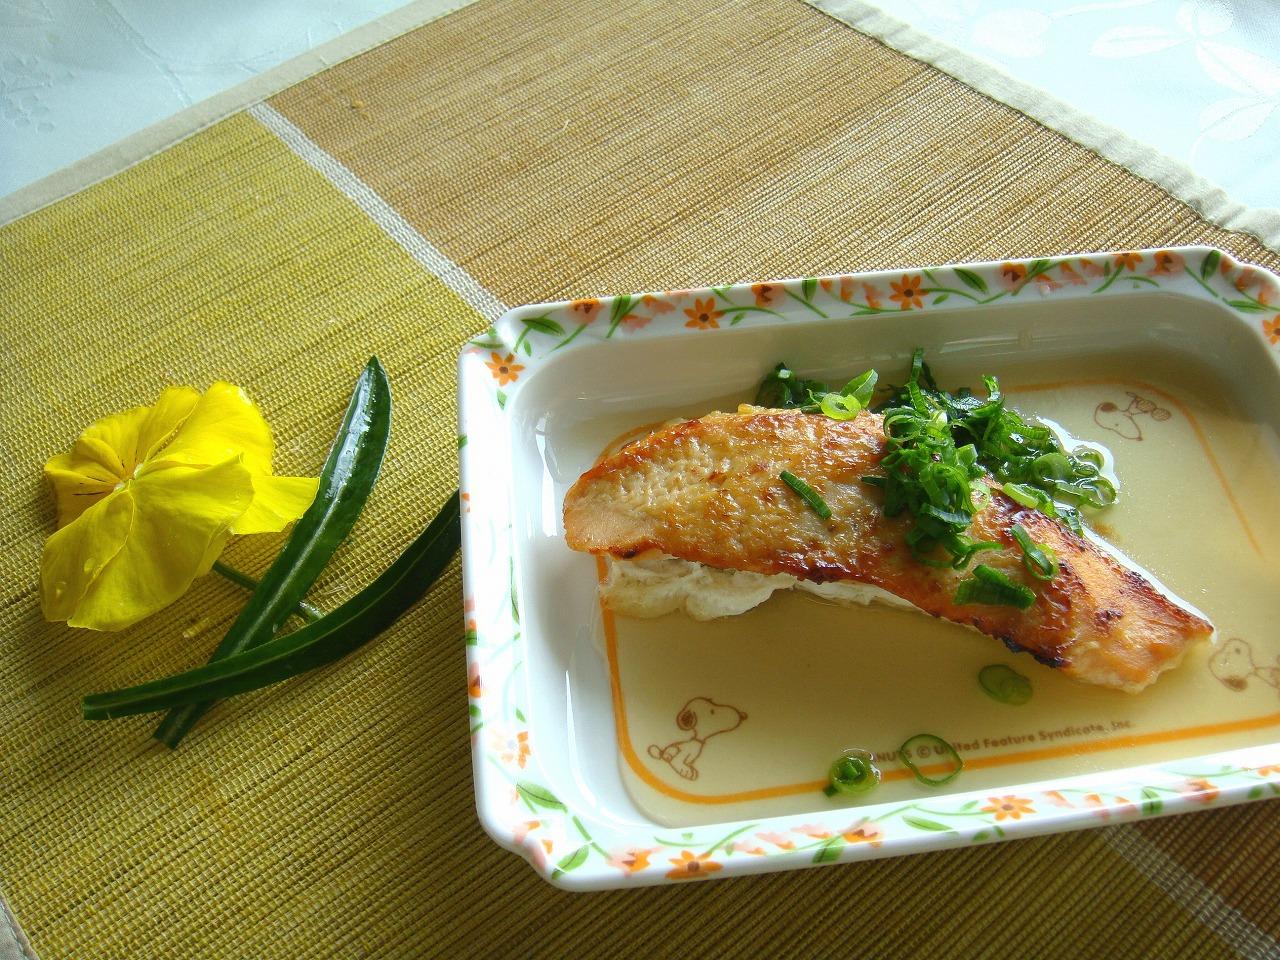 鮭の味噌マヨネーズ焼き